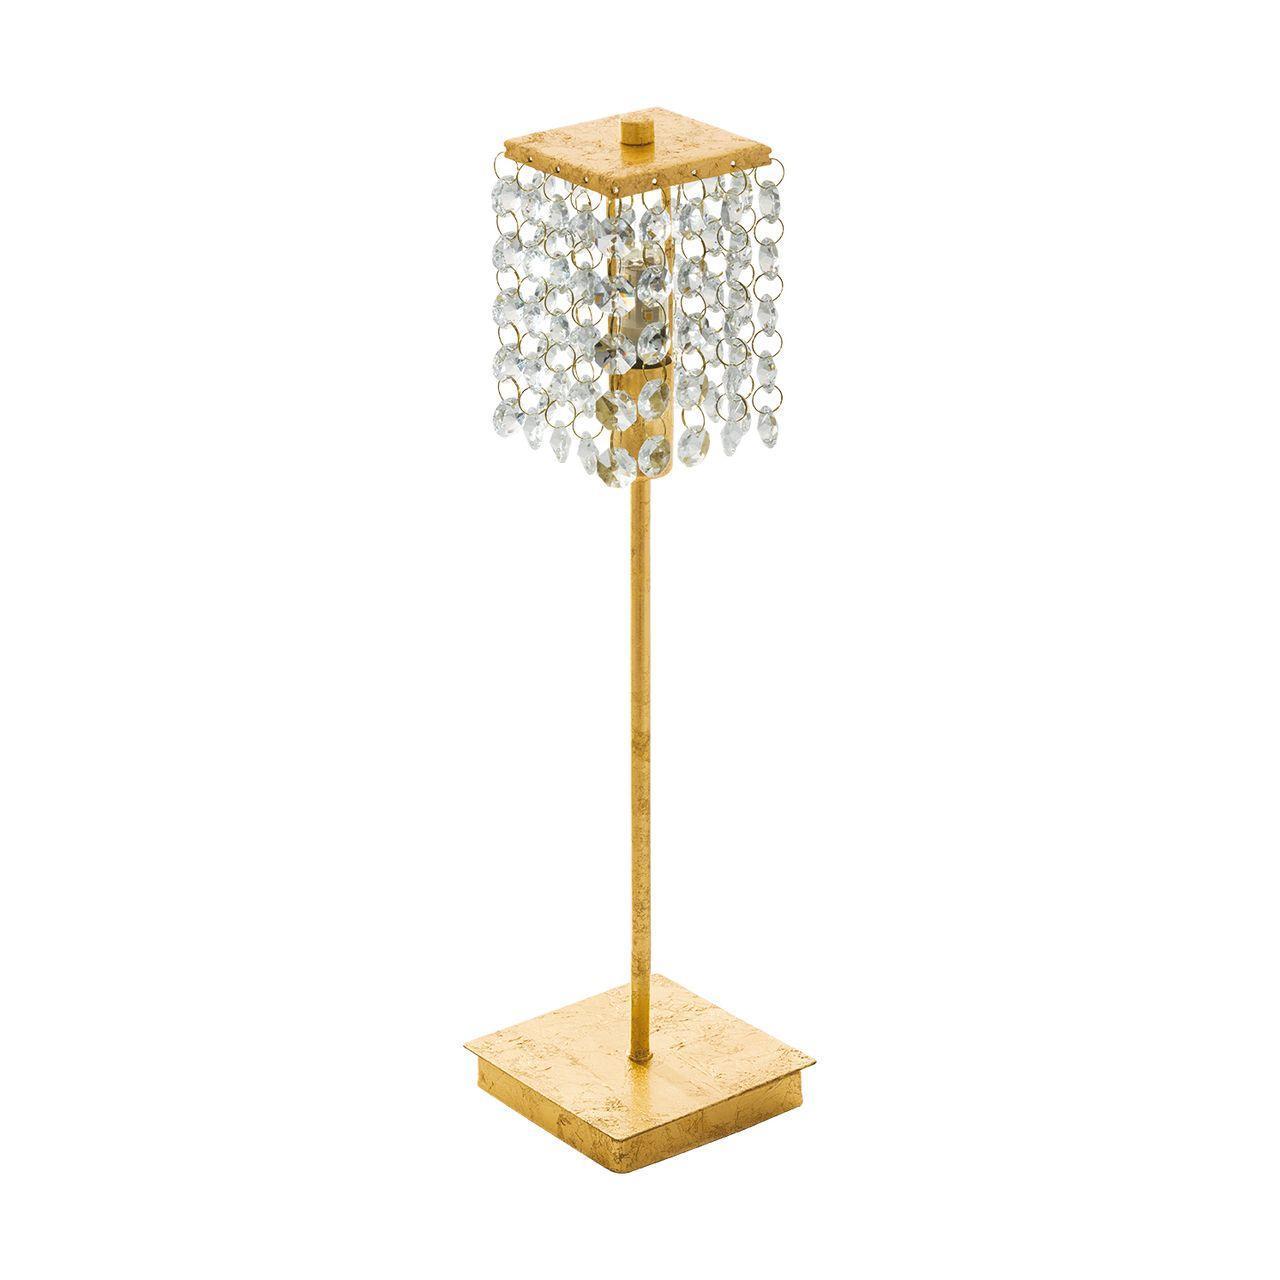 Настольная лампа Eglo Pyton Gold 97725 цена 2017